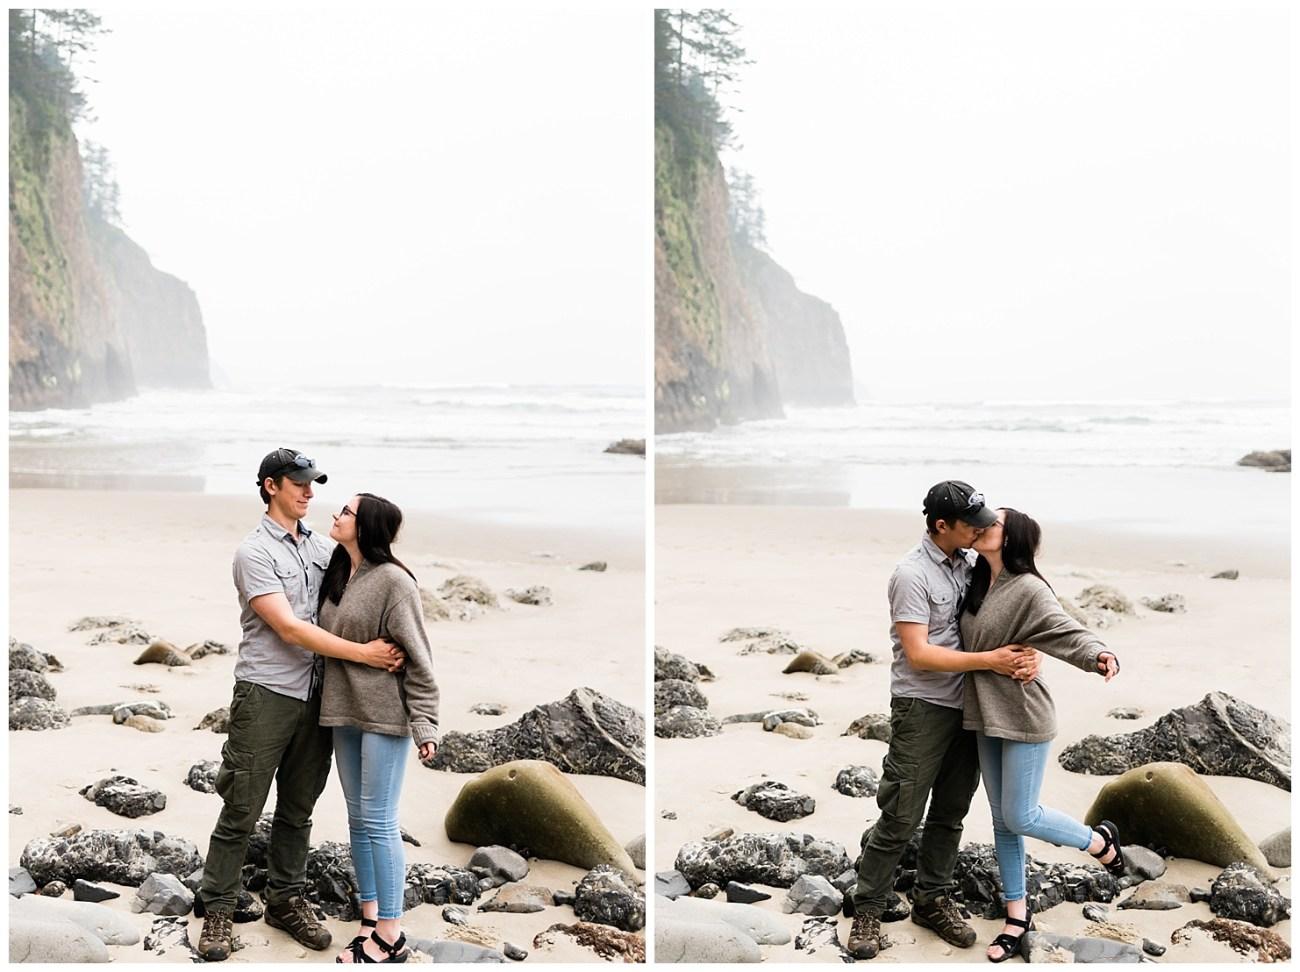 Oregon Coast Wedding Photographers - Forthright Photo